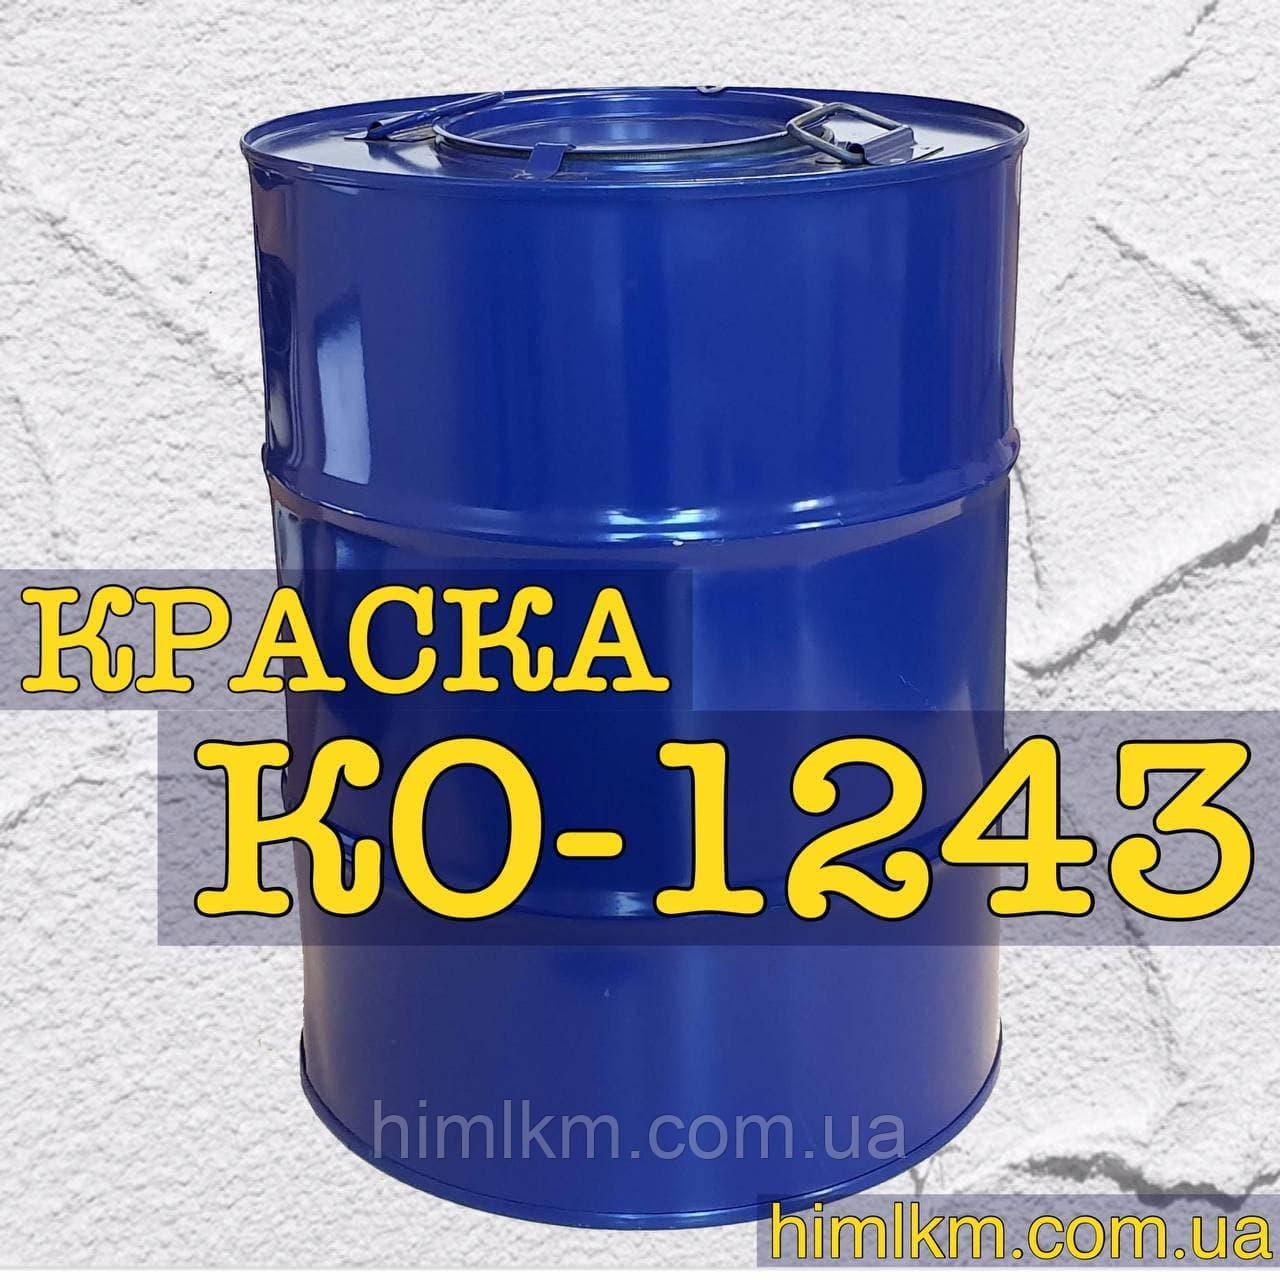 Фарба КО-1243 для обробки зовнішніх і внутрішніх елементів будівель і споруд, захисту штукатурки, 50кг